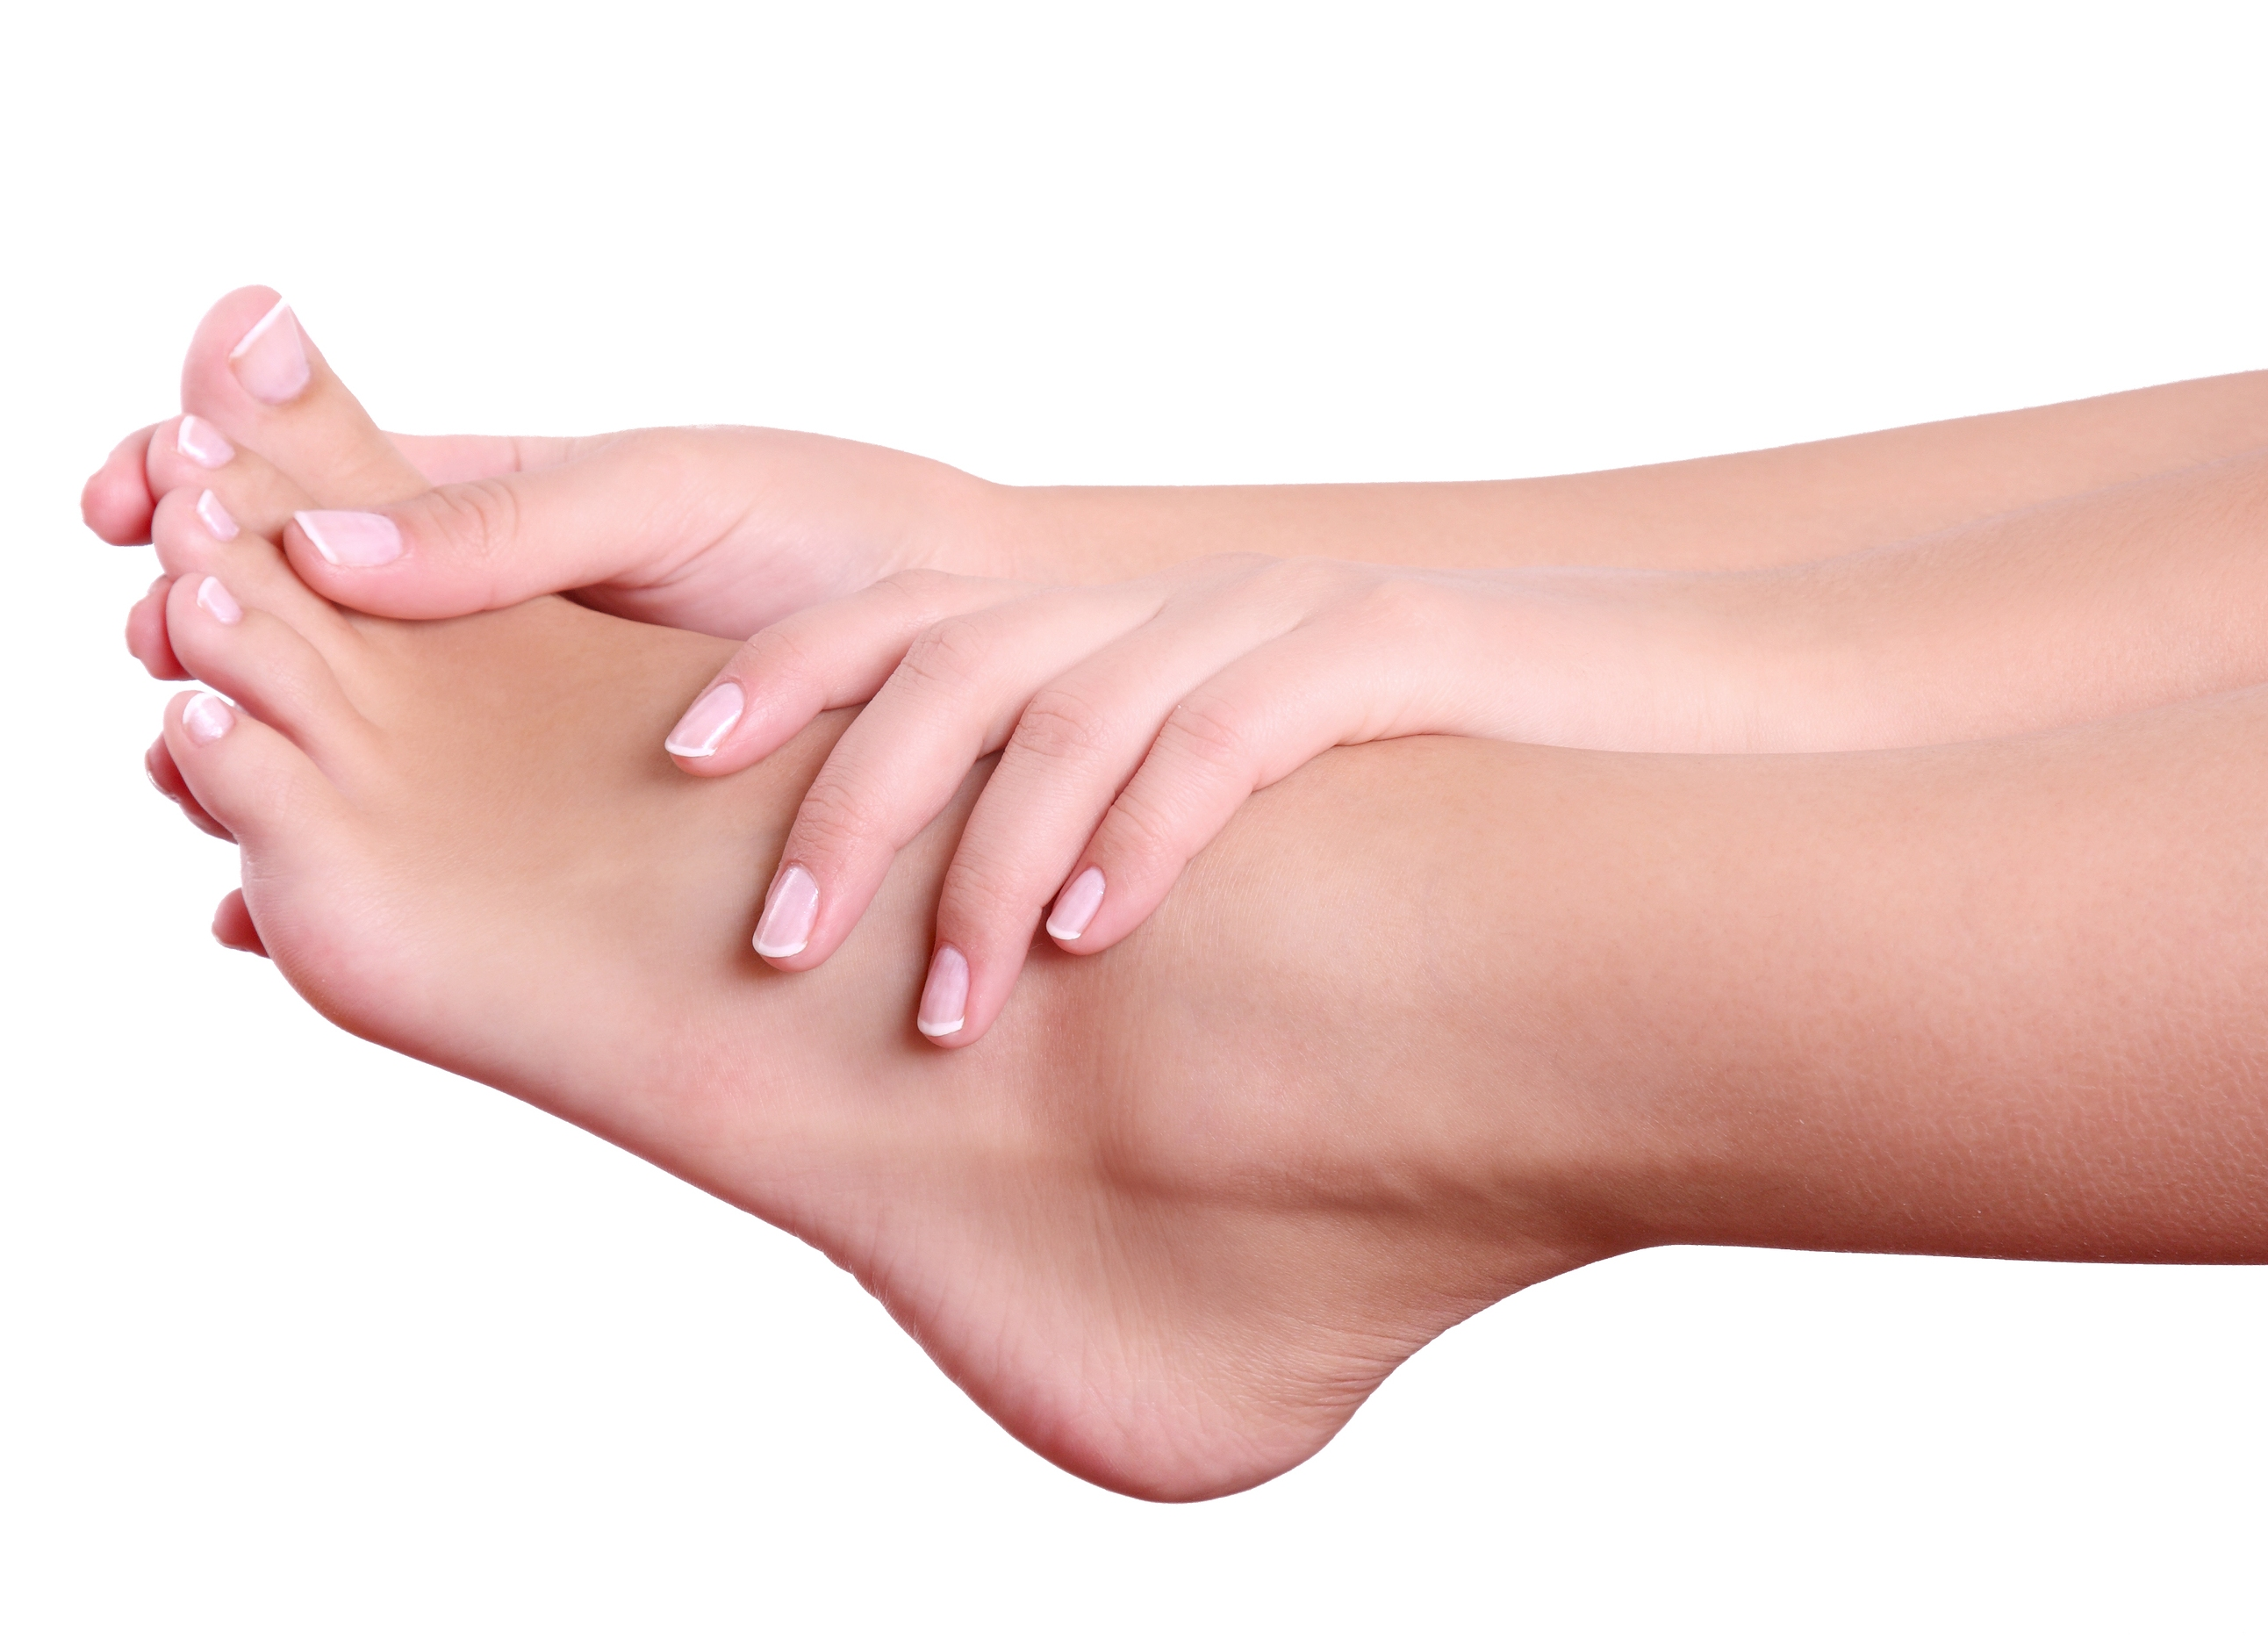 Фото пальцев ног мужчины 27 фотография